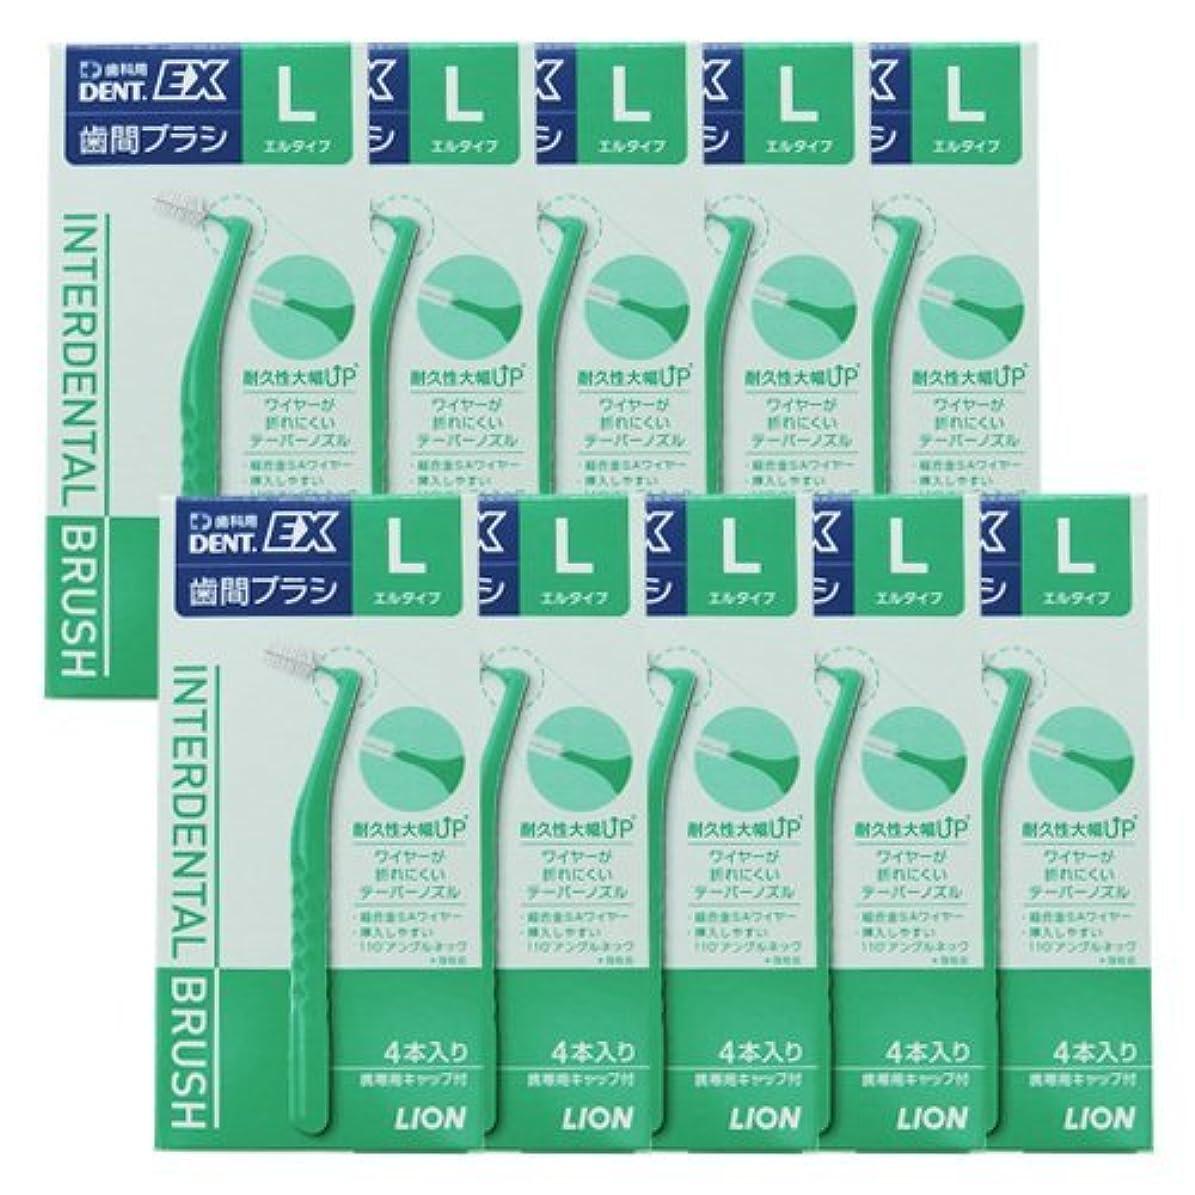 出版リネン盲信ライオン(LION) デント EX 歯間ブラシ L (LION DENT. EX 歯間ブラシ) 10箱 40本セット